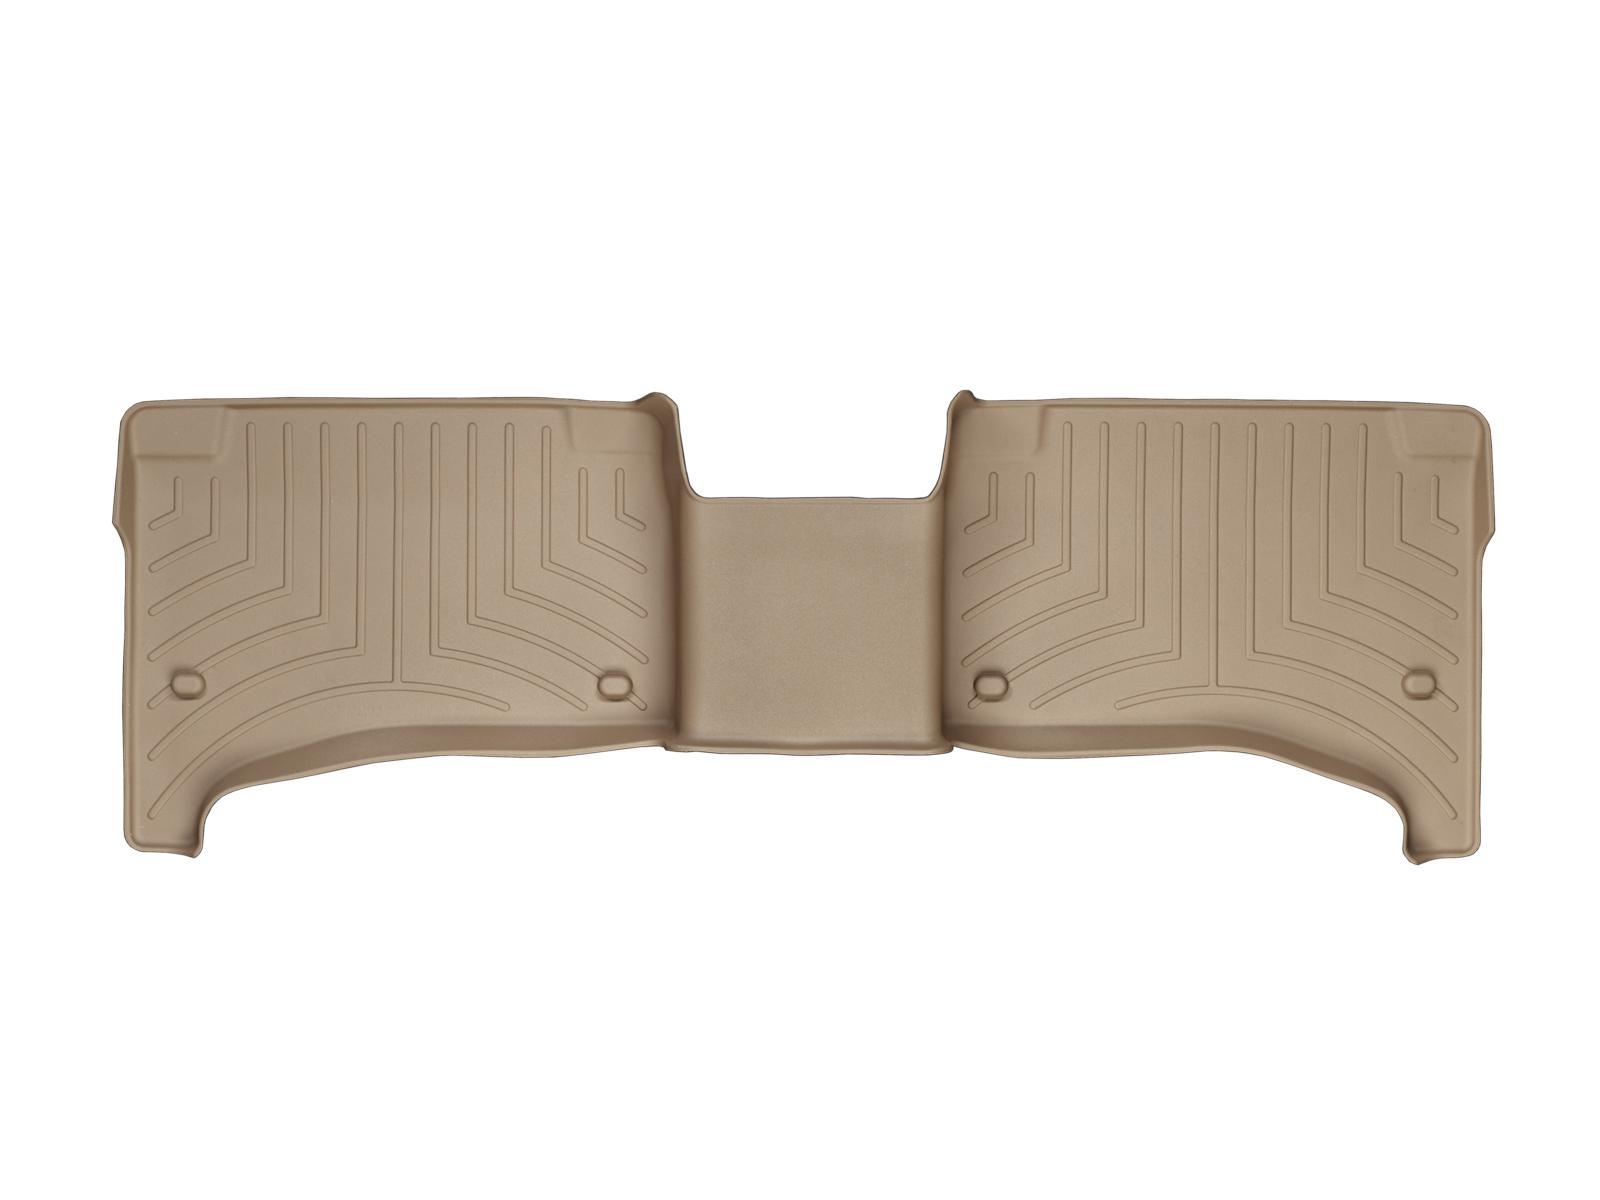 Tappeti gomma su misura bordo alto Porsche® Cayenne® 02>09 Marrone A3104